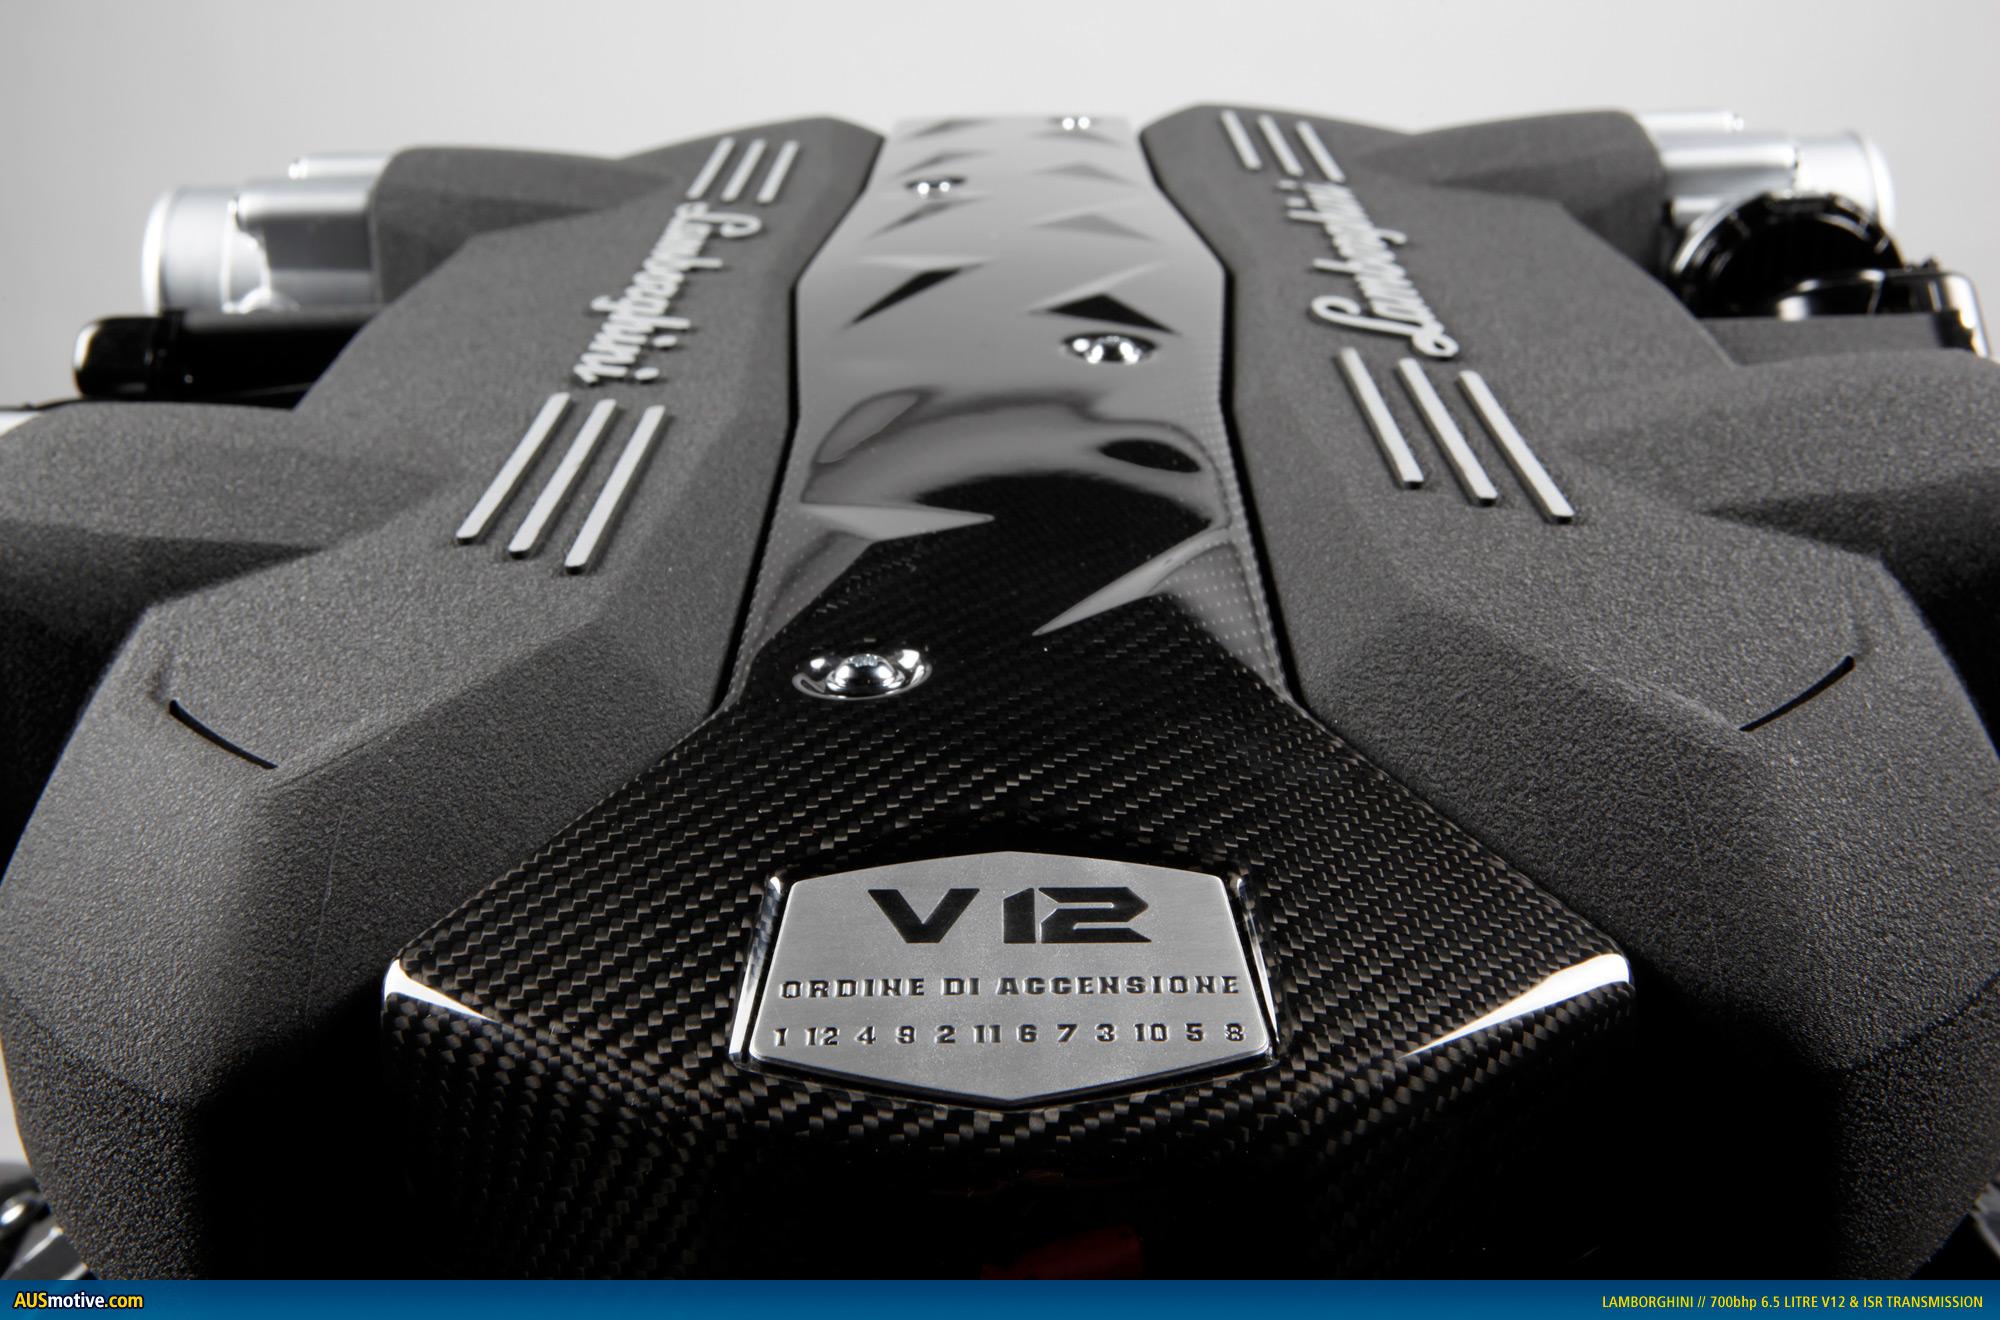 Lamborghini Reveals New 6 5 Litre V12